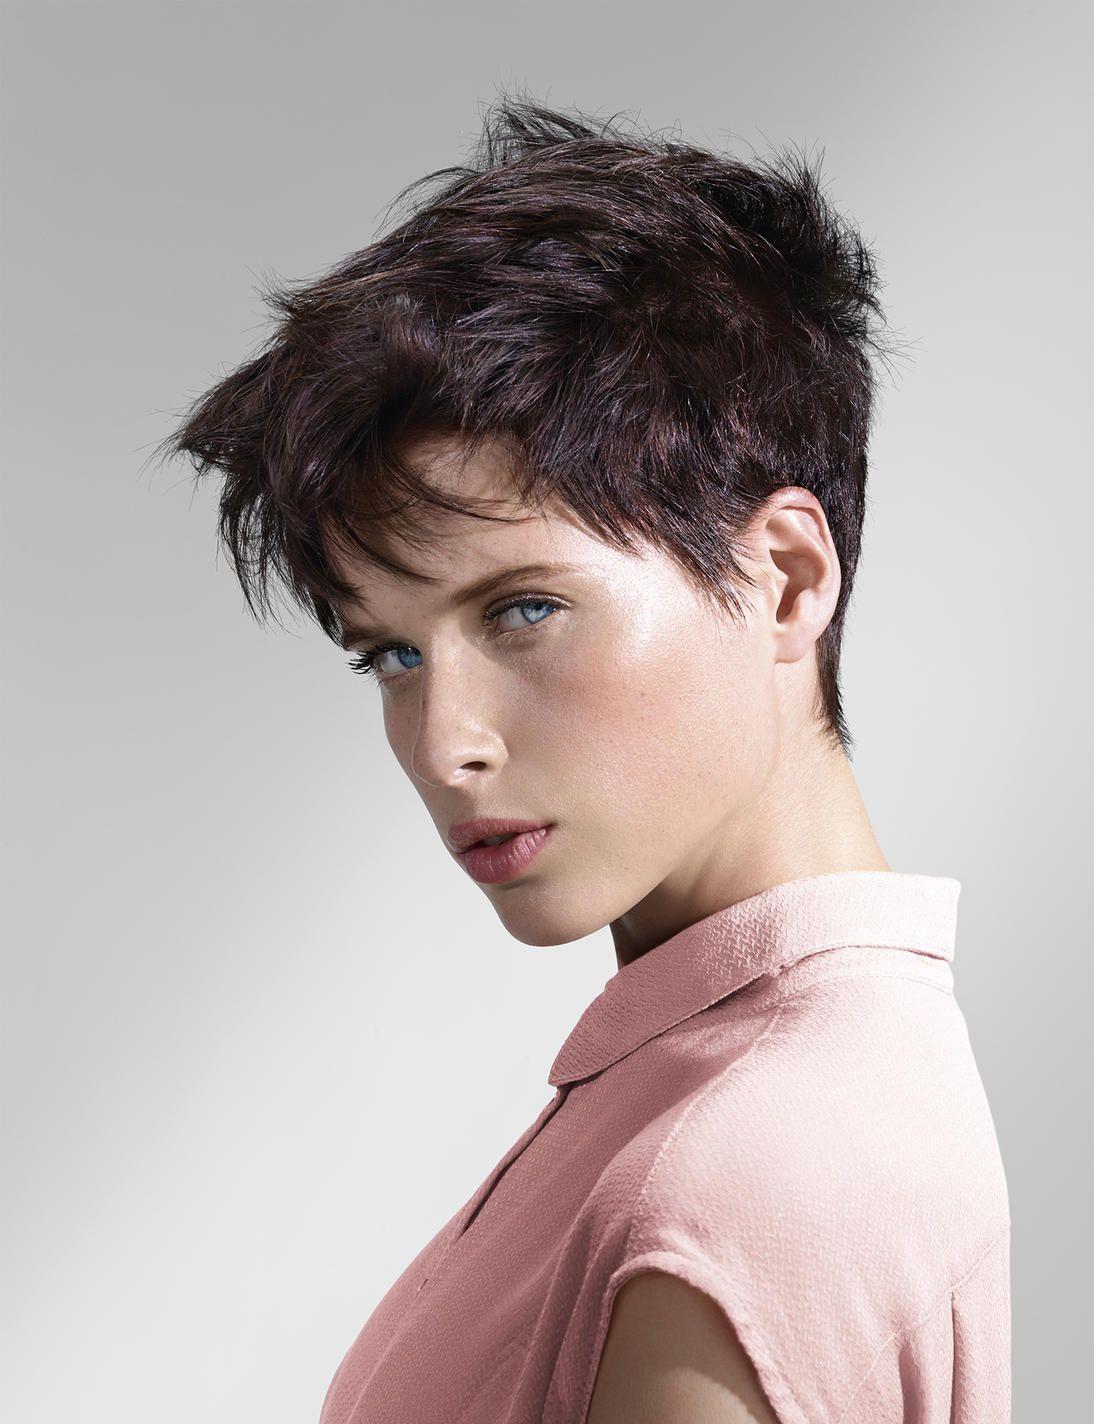 20 coiffures bluffantes pour cheveux courts | Coiffures cheveux courts, Cheveux courts, Coupe de ...